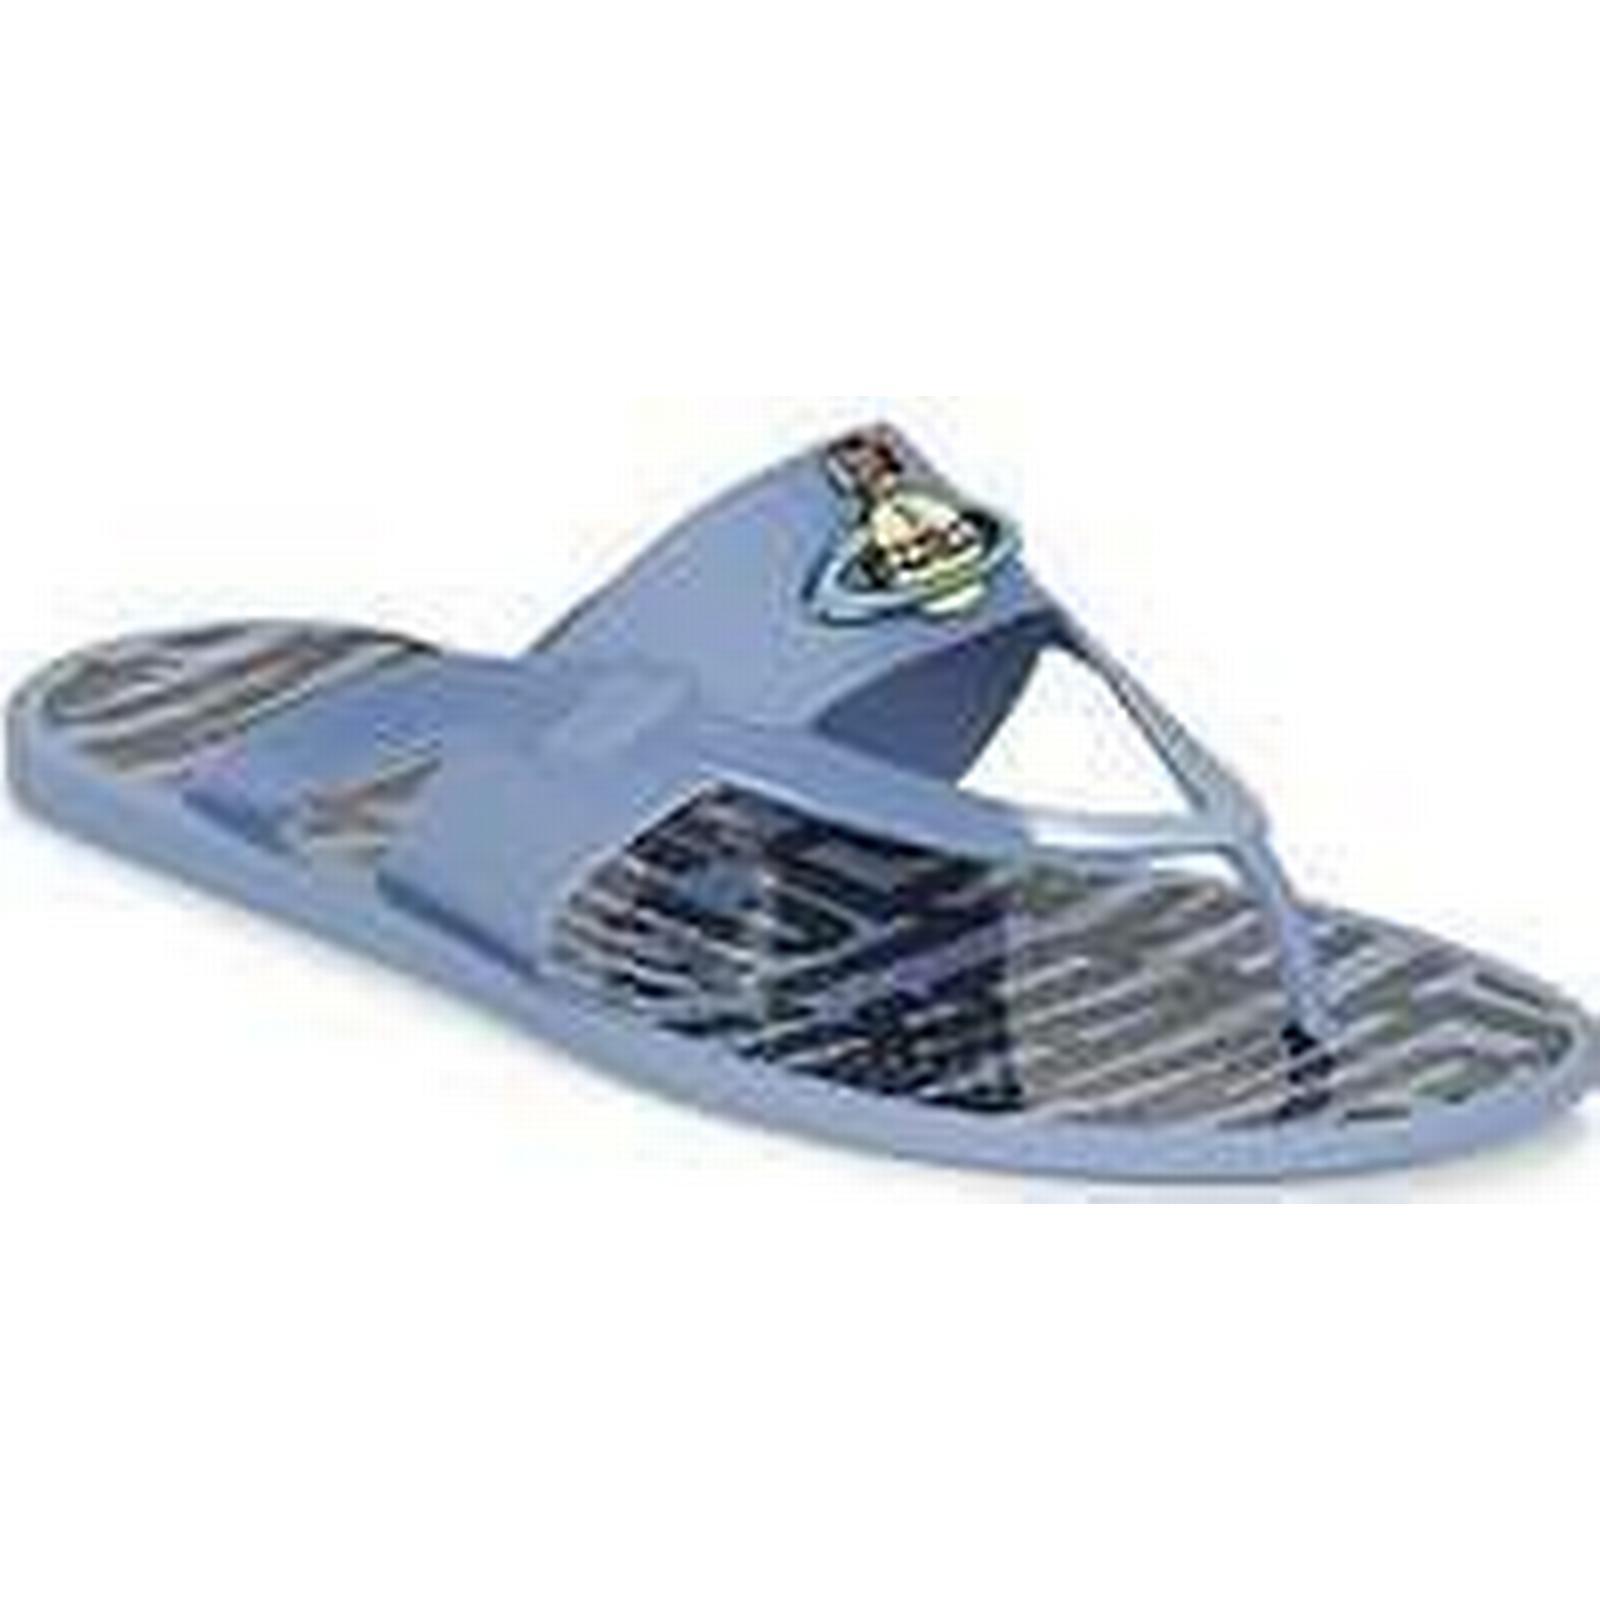 Spartoo.co.uk Vivienne Westwood ORB ENAMELLED SDL men's Flip flops Blue / Sandals (Shoes) in Blue flops e59938